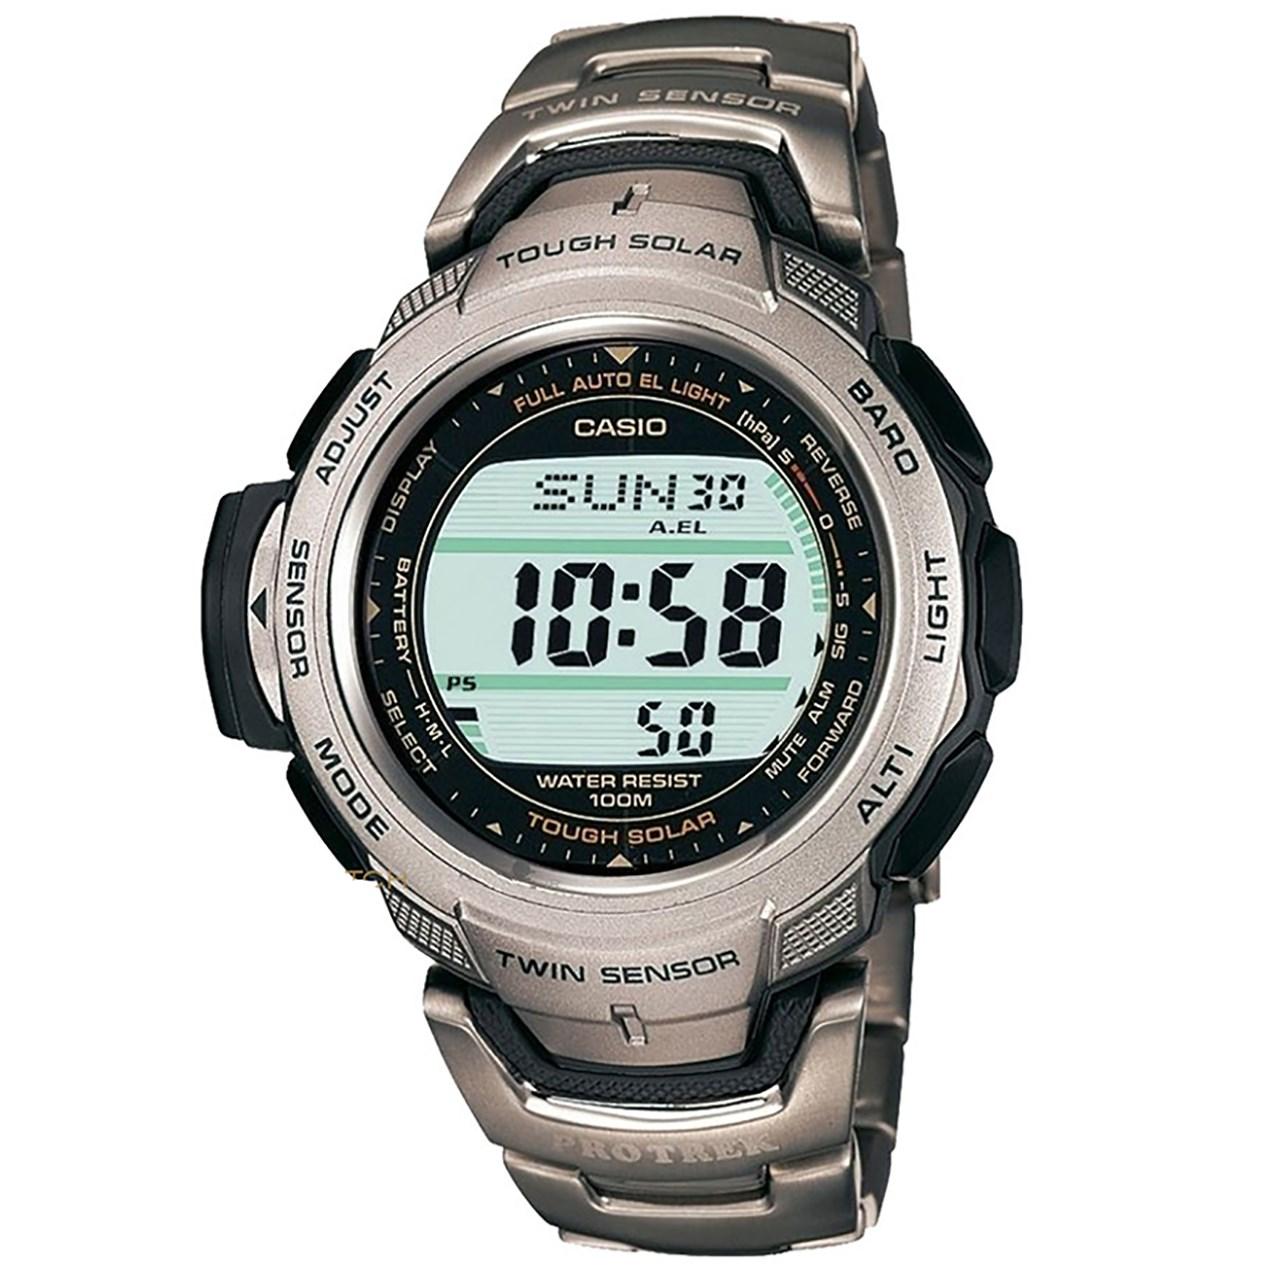 ساعت مچی دیجیتالی  مردانه  کاسیو پروترک مدل PRG-110T-7VDR 36